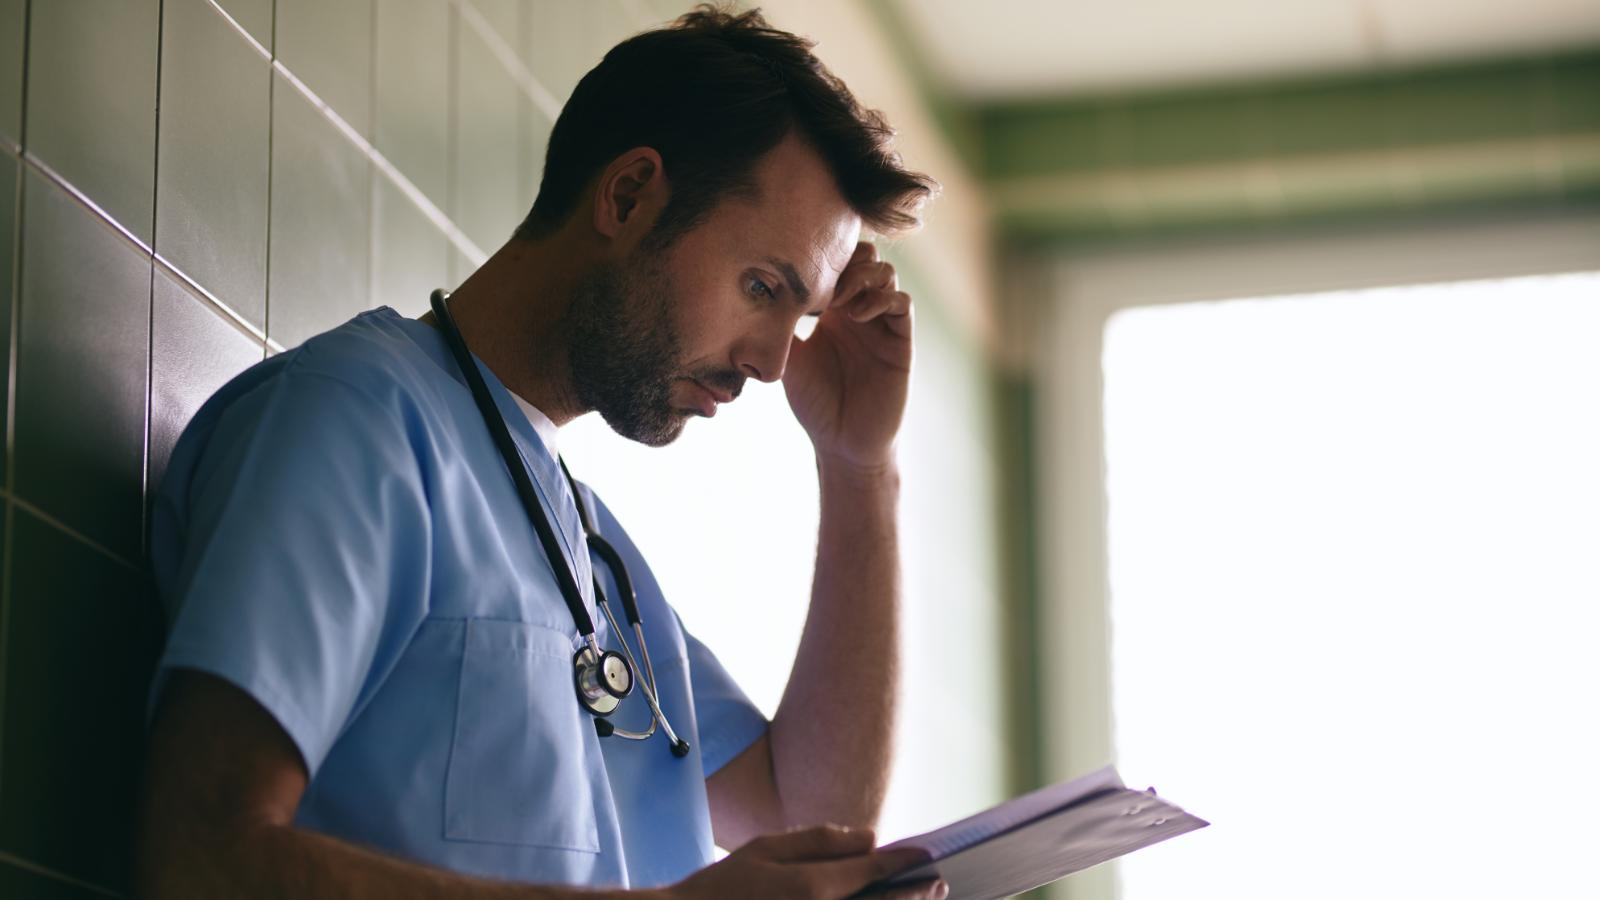 Las reclamaciones médicas: un lastre para la reputación de los profesionales de la salud